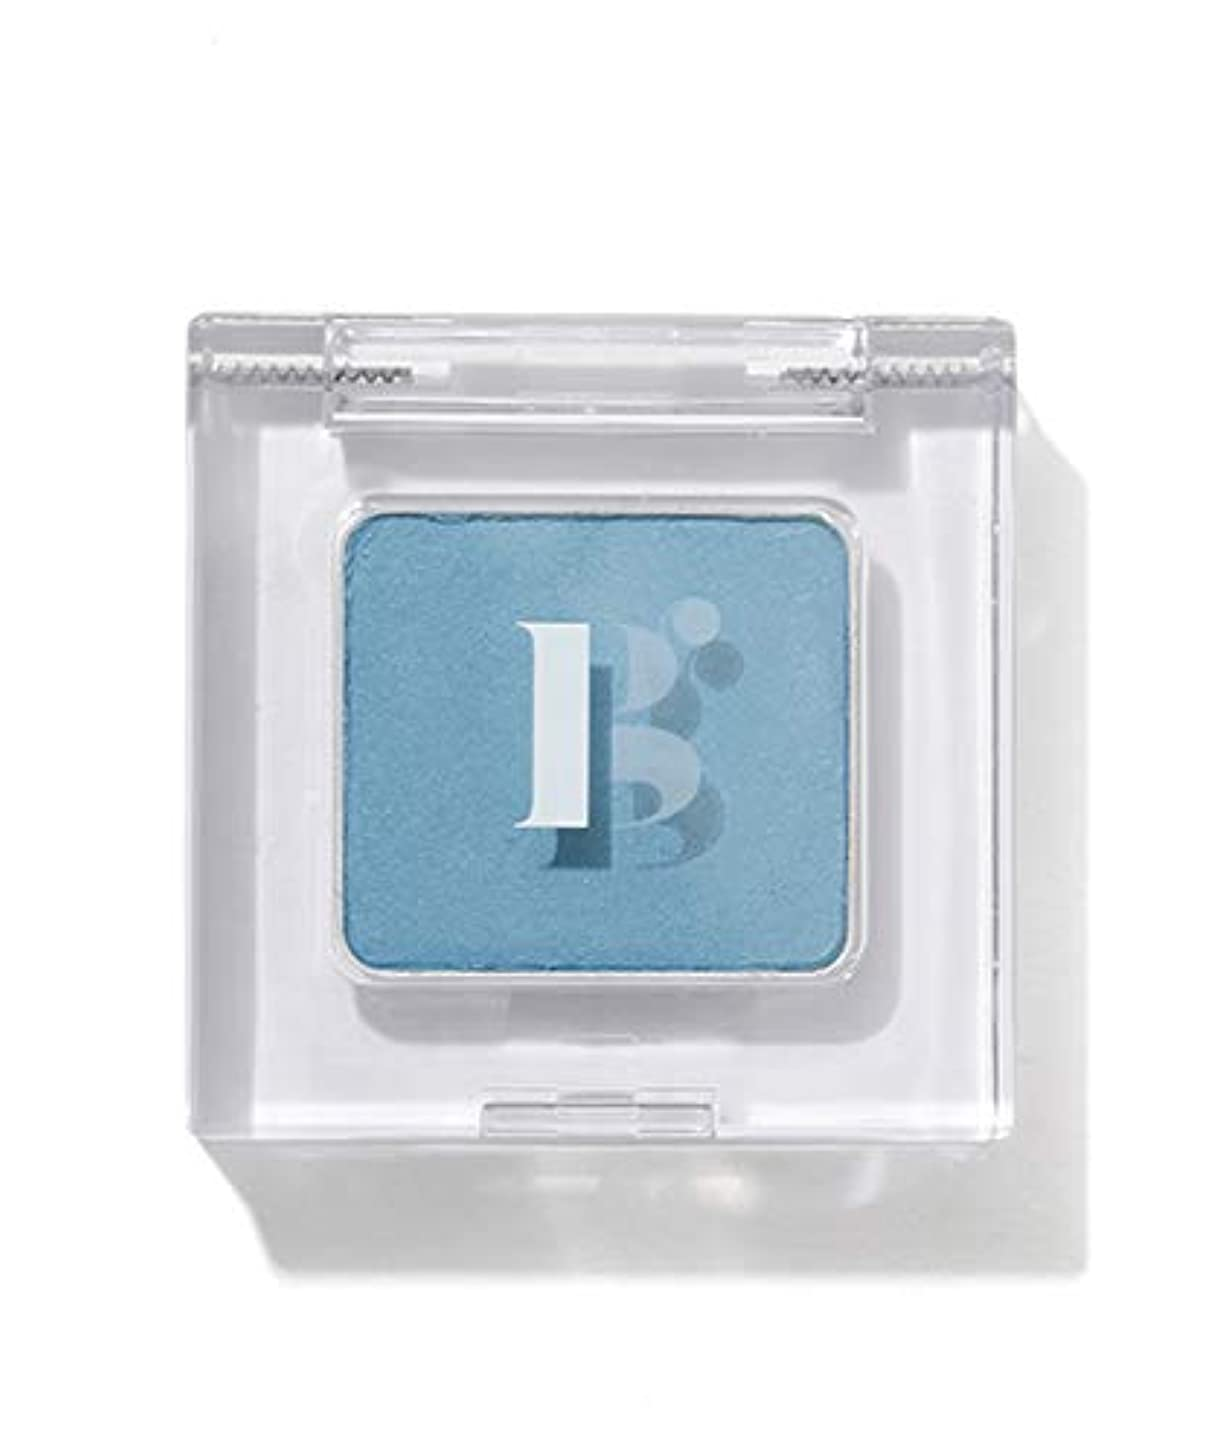 明らかにするぬれた鉱石Bonjour Girl(ボンジュールガール) EYESHADOW (Sky) アイシャドウ 無香料 ブルー 4.2cmx4.2cmx1cm/25g